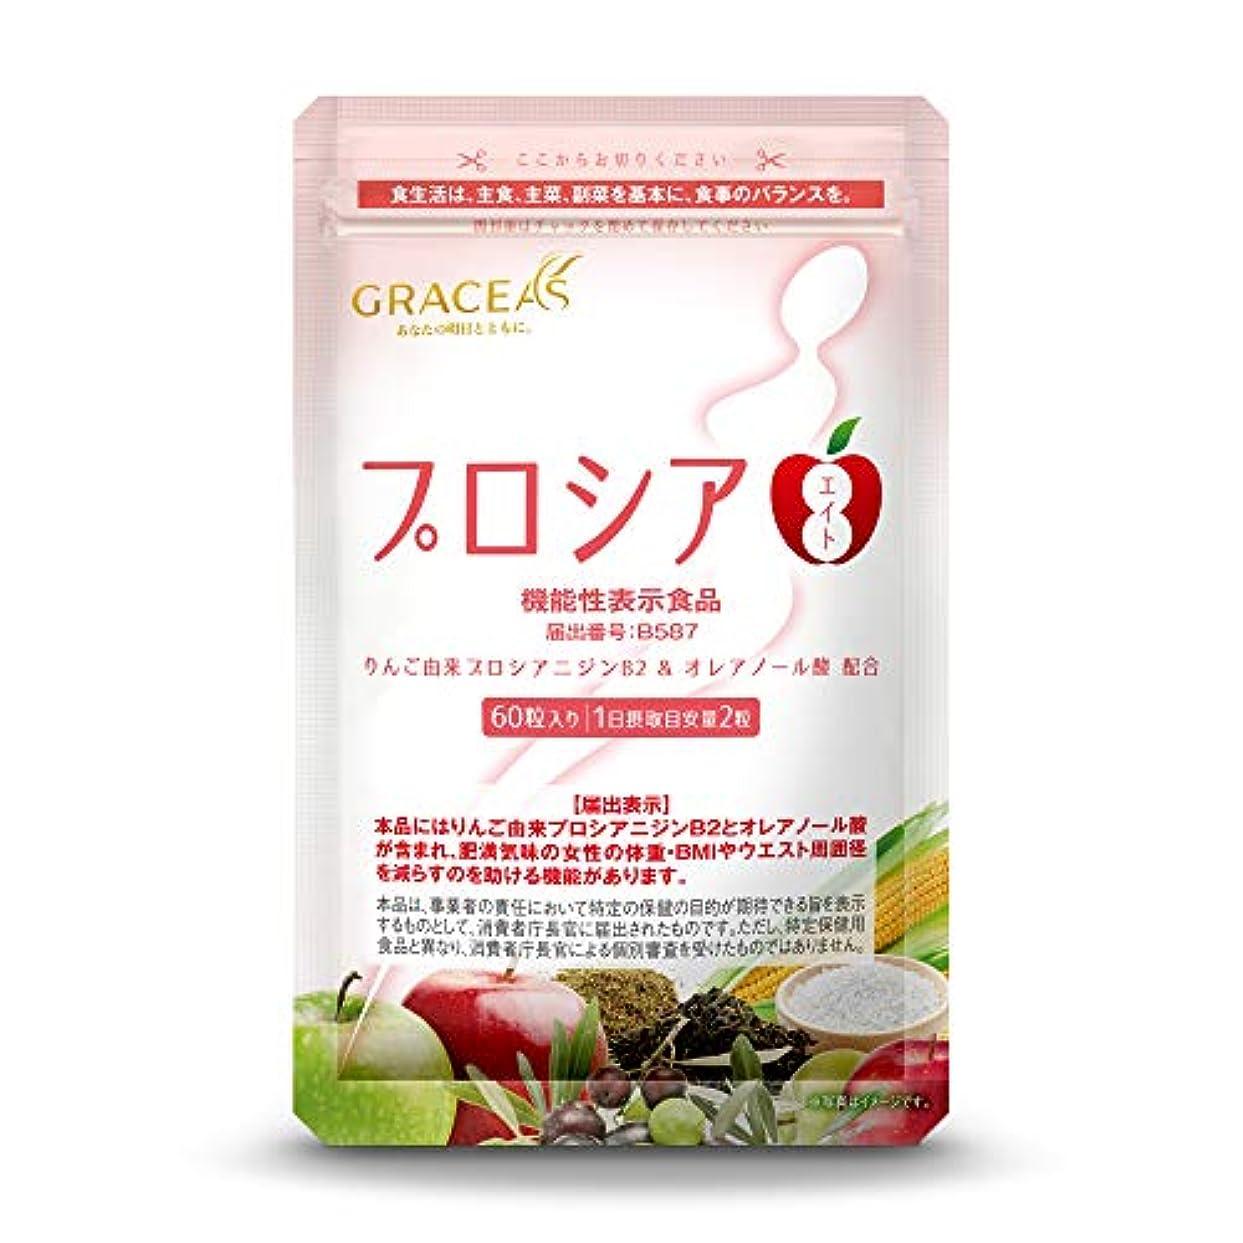 後ろ、背後、背面(部説教するトランクライブラリプロシア8(プロシアエイト) ダイエットサプリ りんご由来 オリーブ葉抽出 機能性表示食品 特許成分配合 60粒